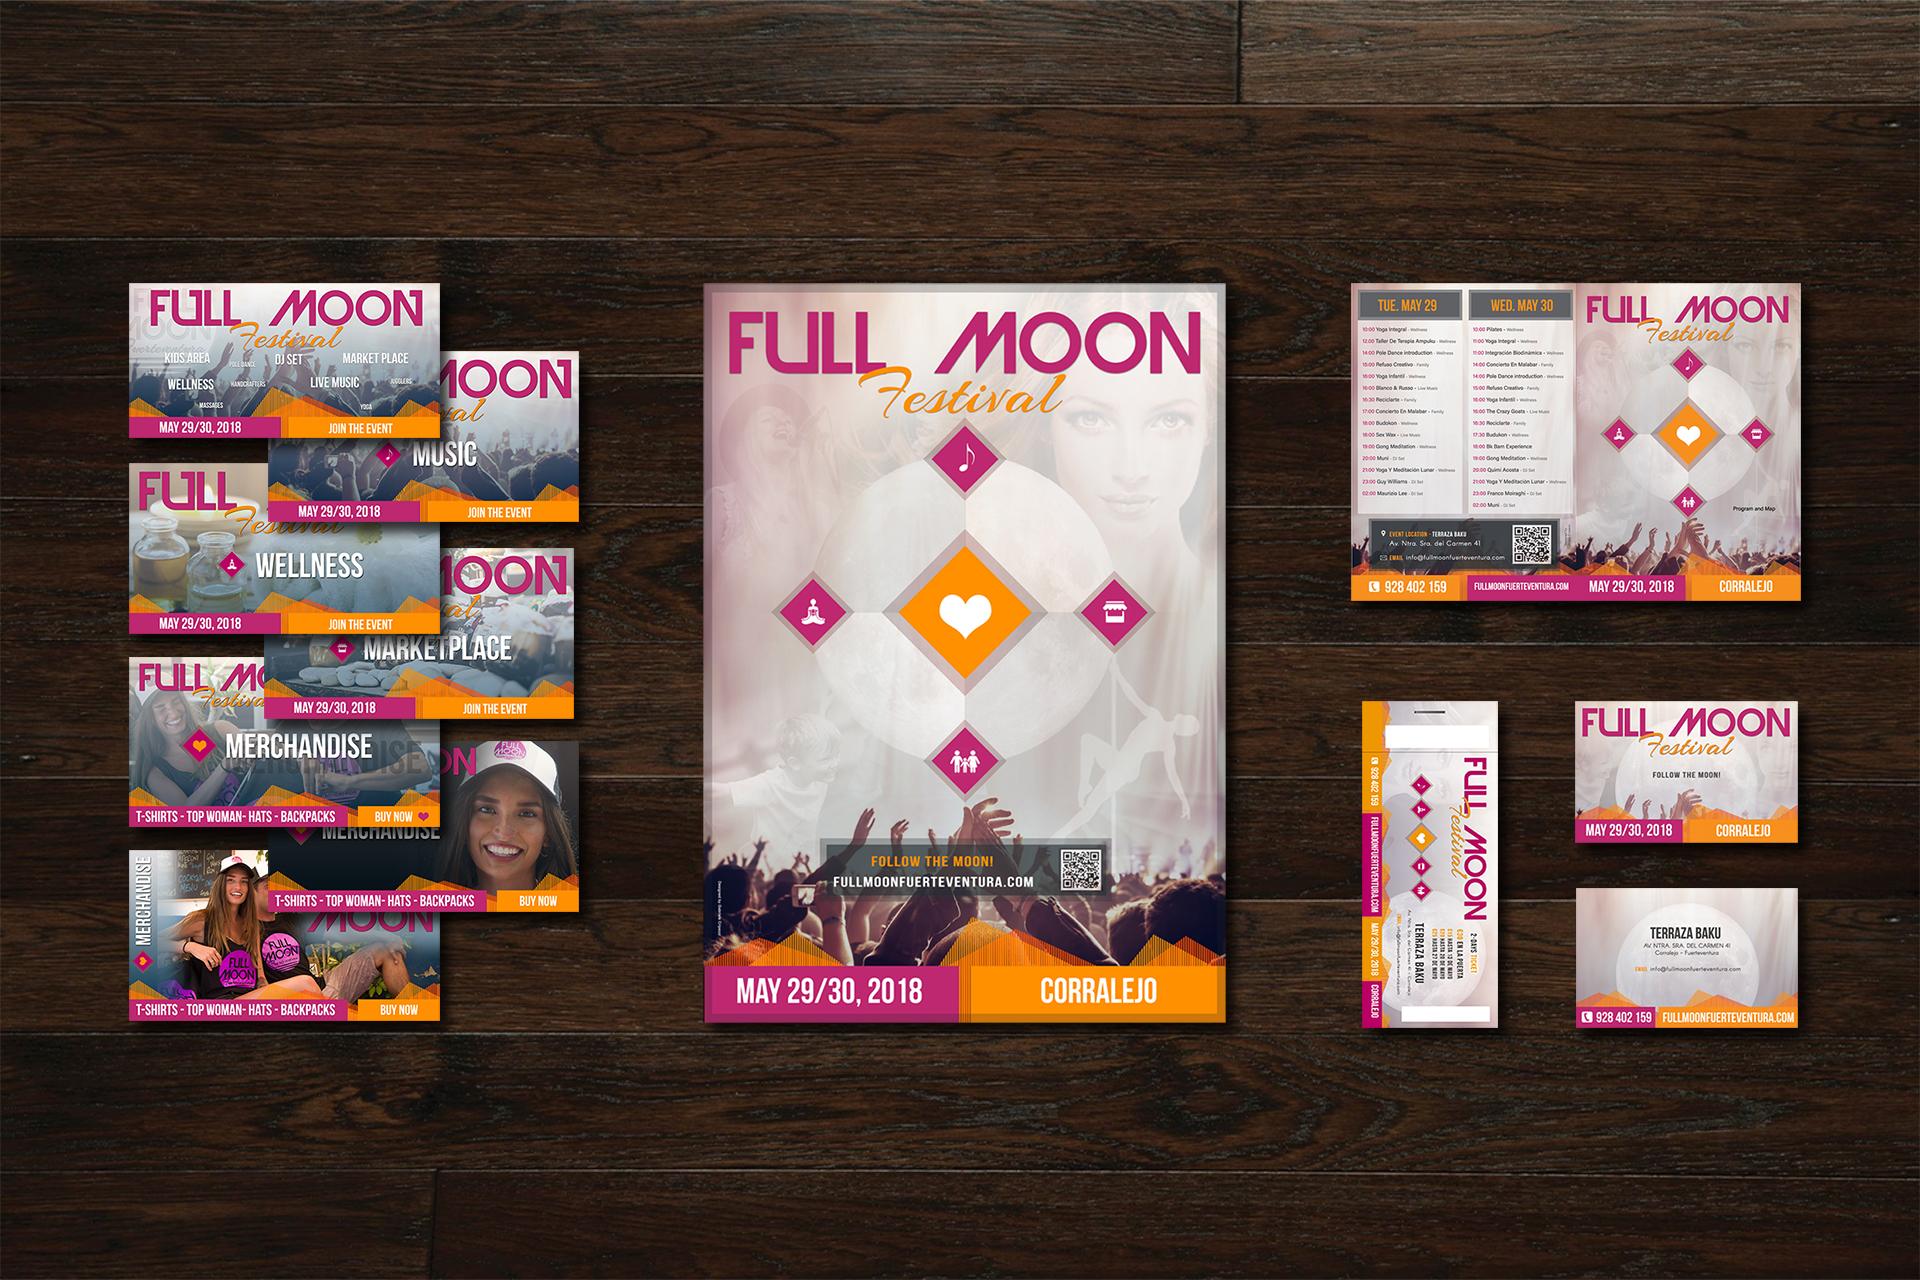 Full Moon Festival – Fuerteventura